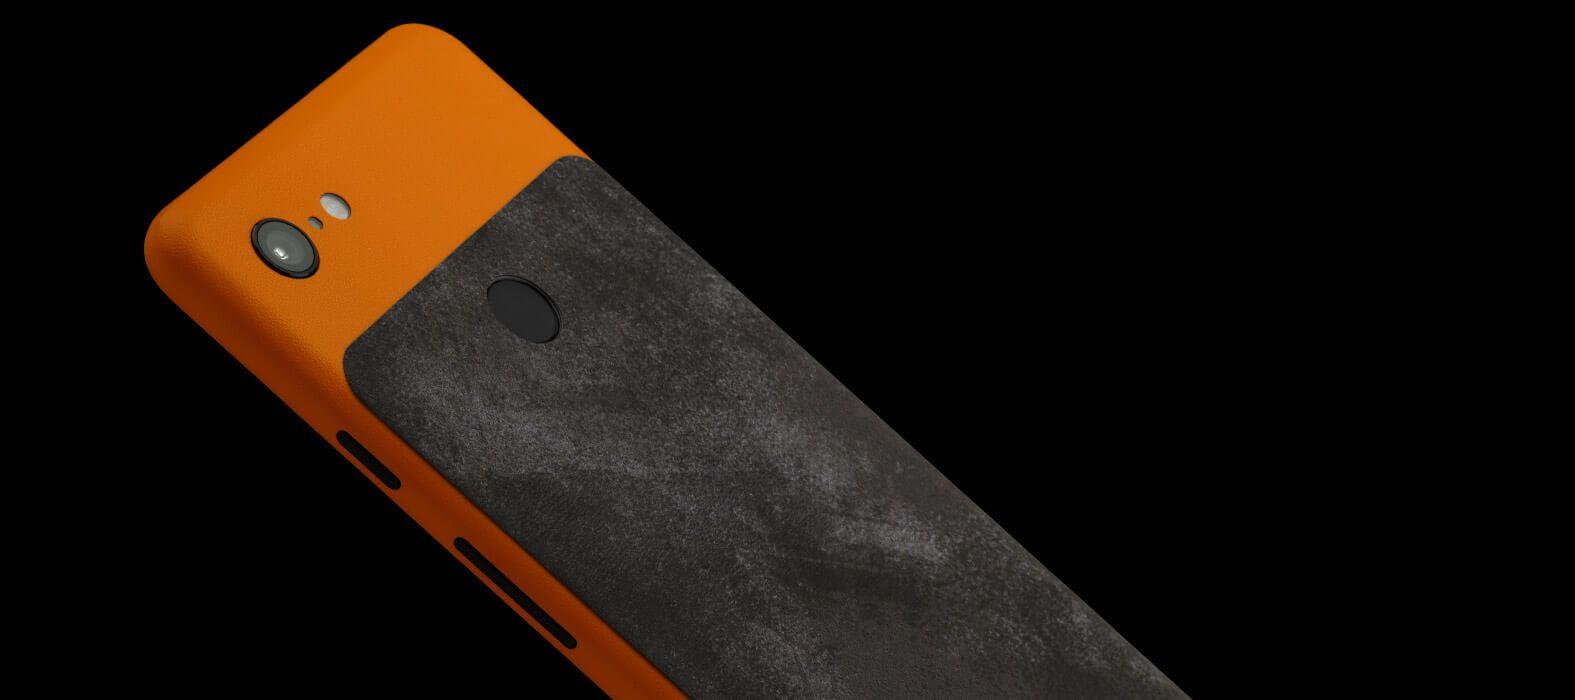 Pixel-3-XL_Orange-Sandstone-With-Grunge_Skins